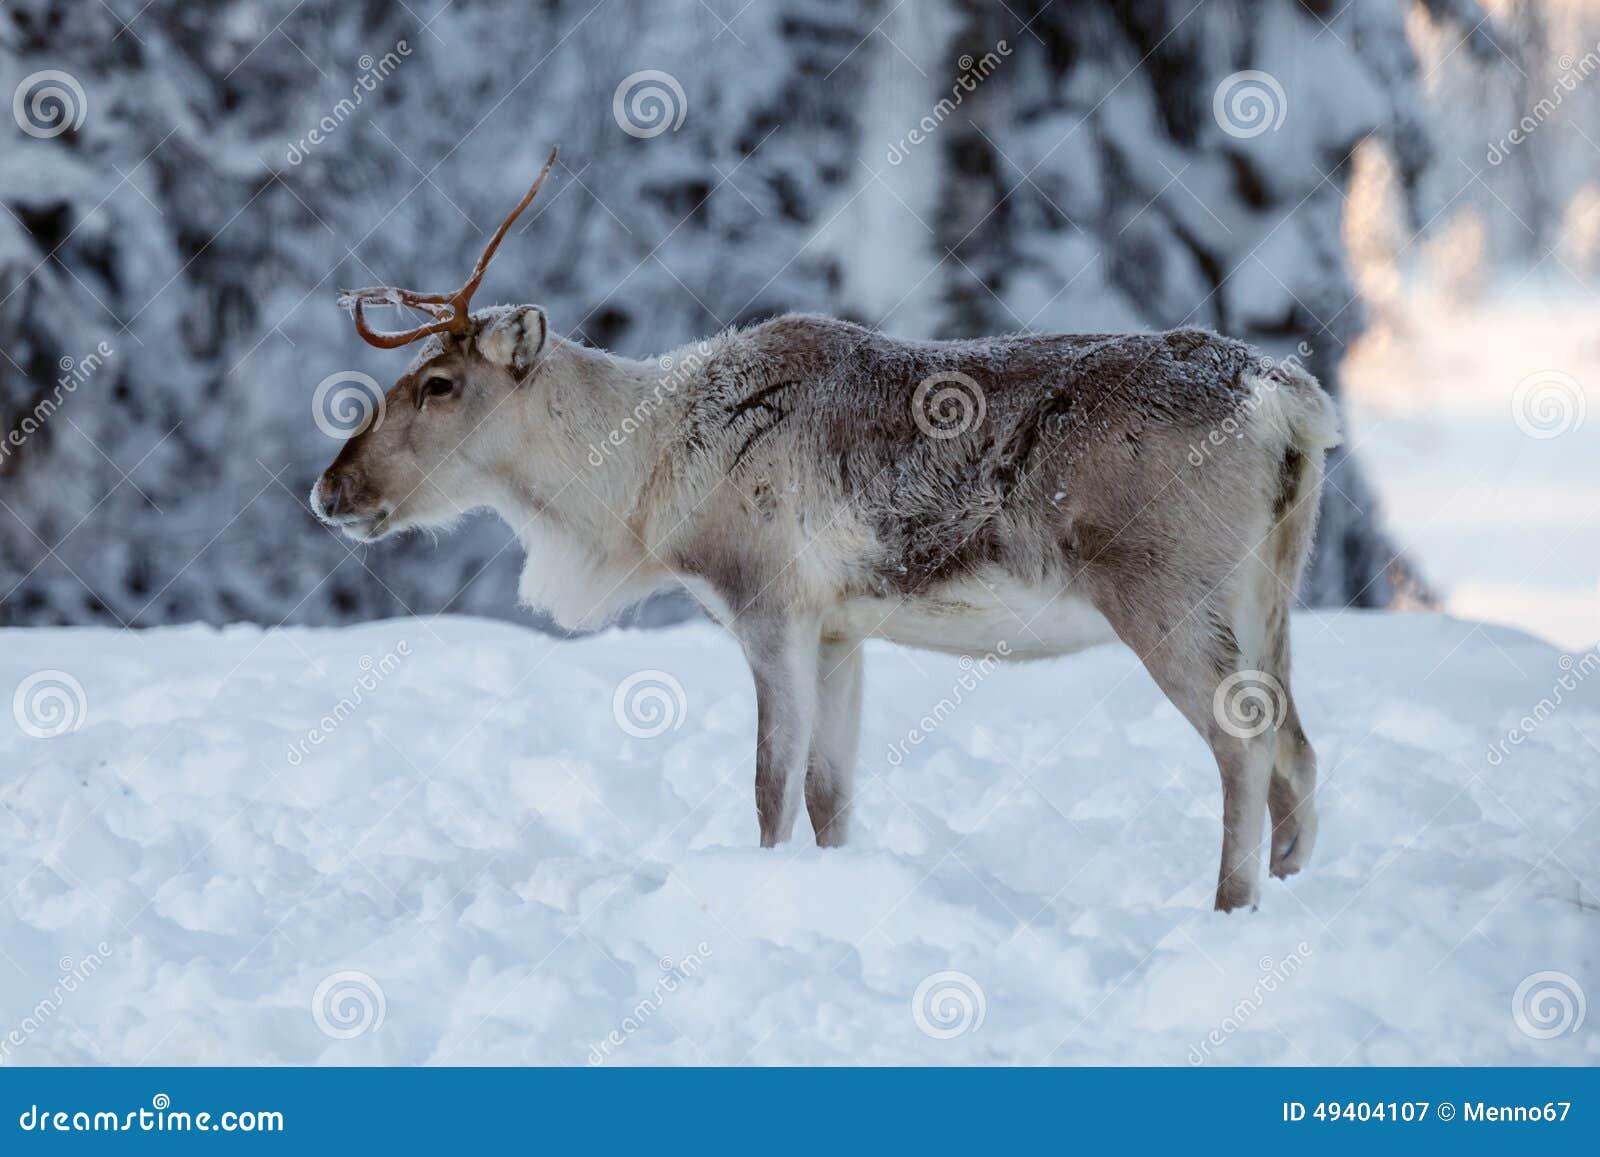 Download Ren im Schnee stockbild. Bild von himmel, hintergrund - 49404107